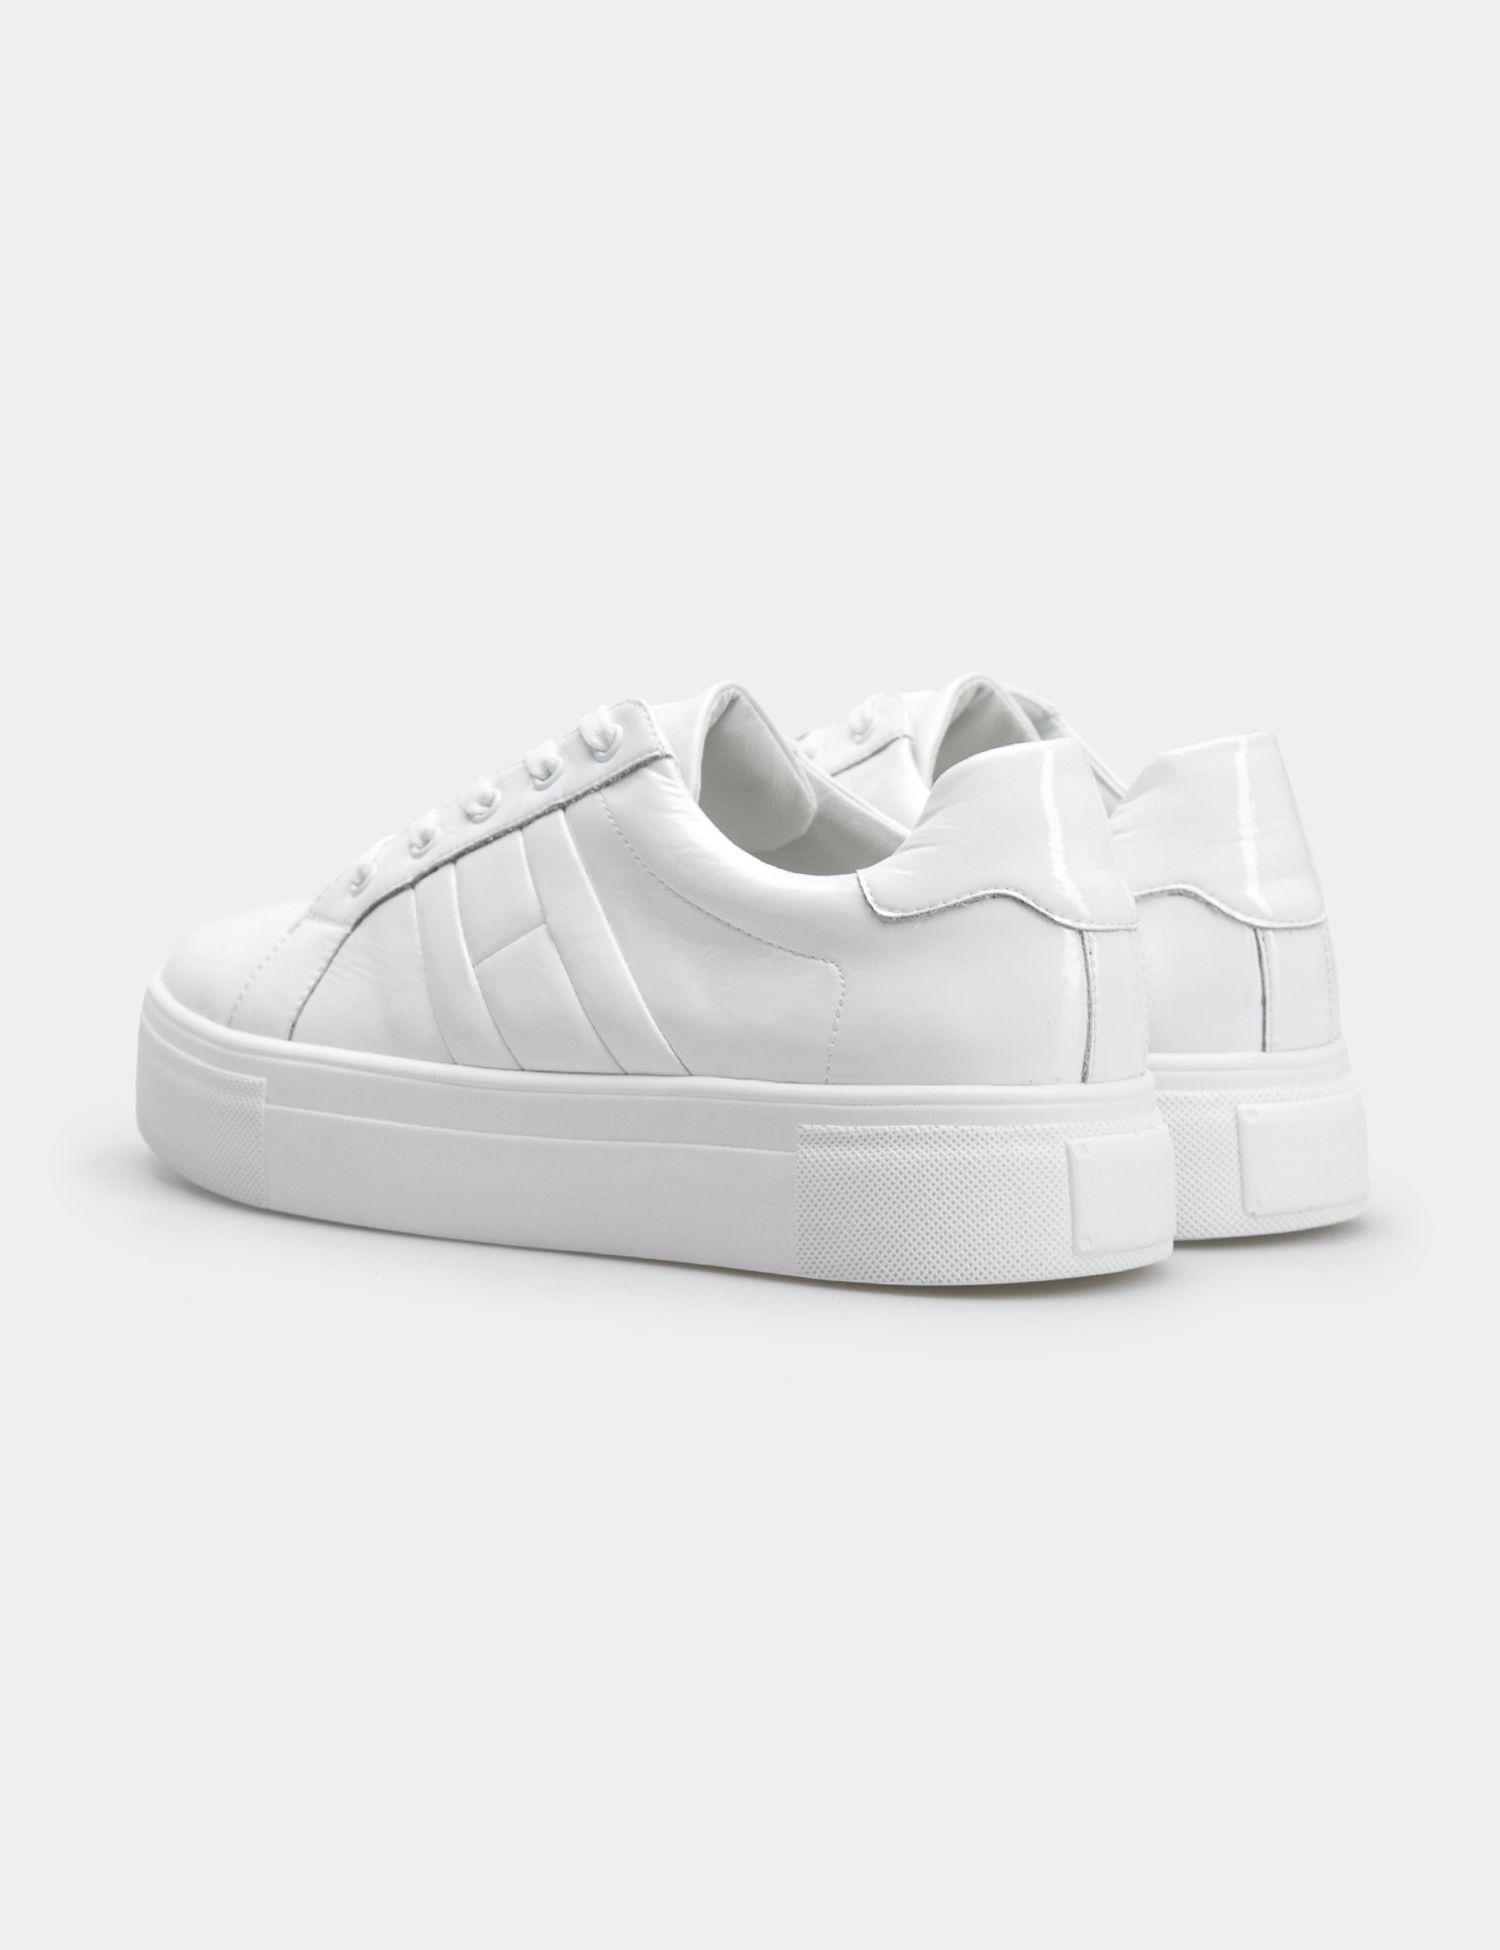 Кроссовки для женщин Кеды 71030280-1 белая кожа лакированя 71030280-1 , 2017